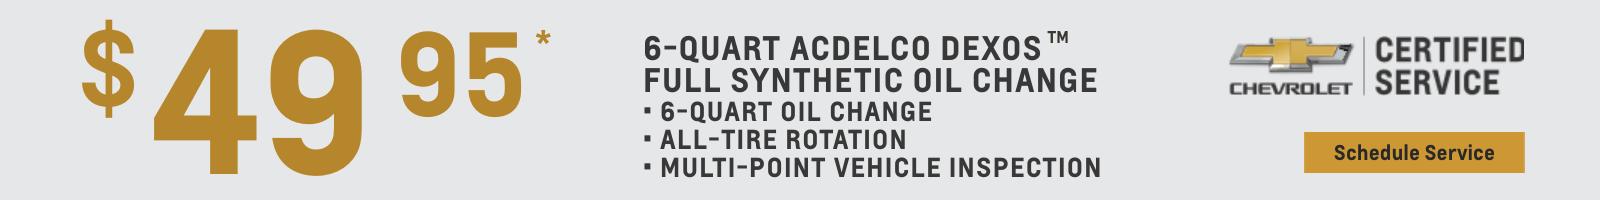 $49.95 8-Quart Full Synthetic Oil Change